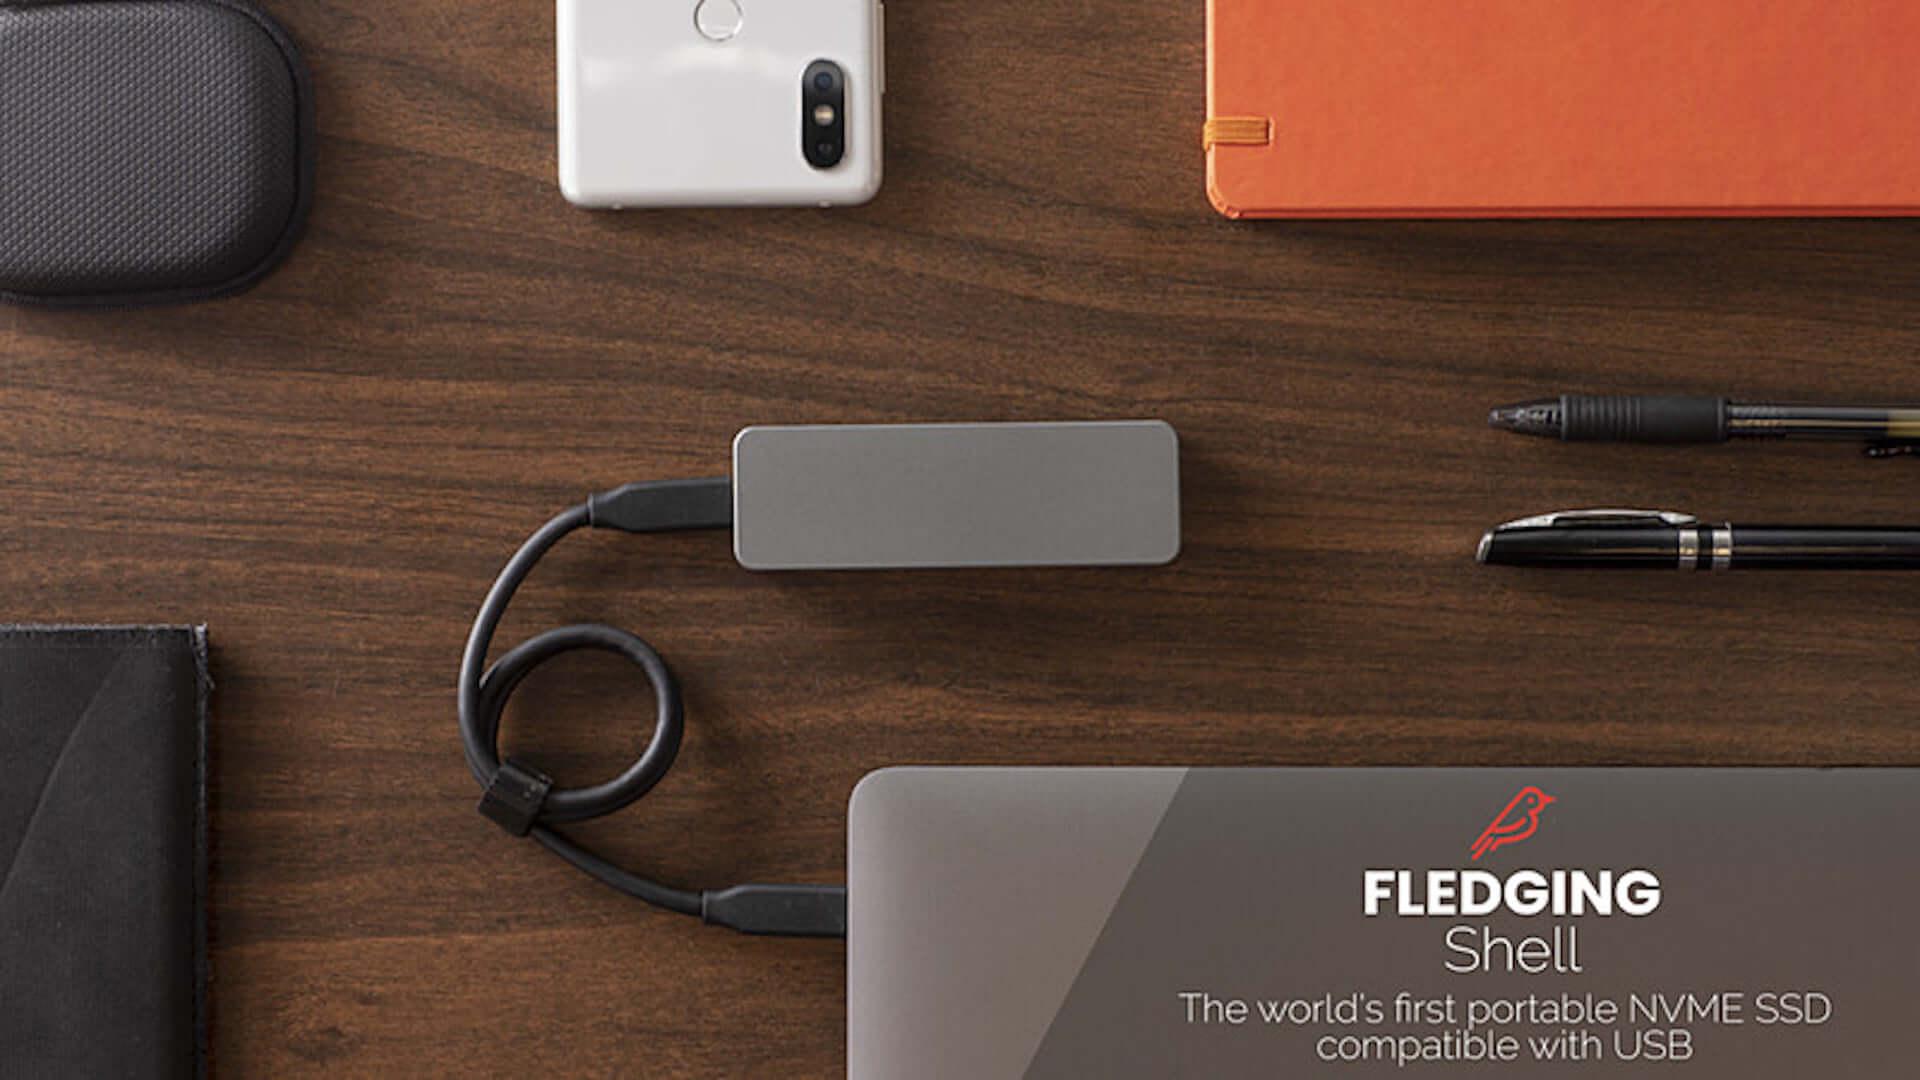 USBポートのあるすべての端末と接続可能!世界最速の外部ストレージデバイス「FLEDGING SHELL」がGLOTUREに登場 tech190910_fledgingshell_4-1920x1080